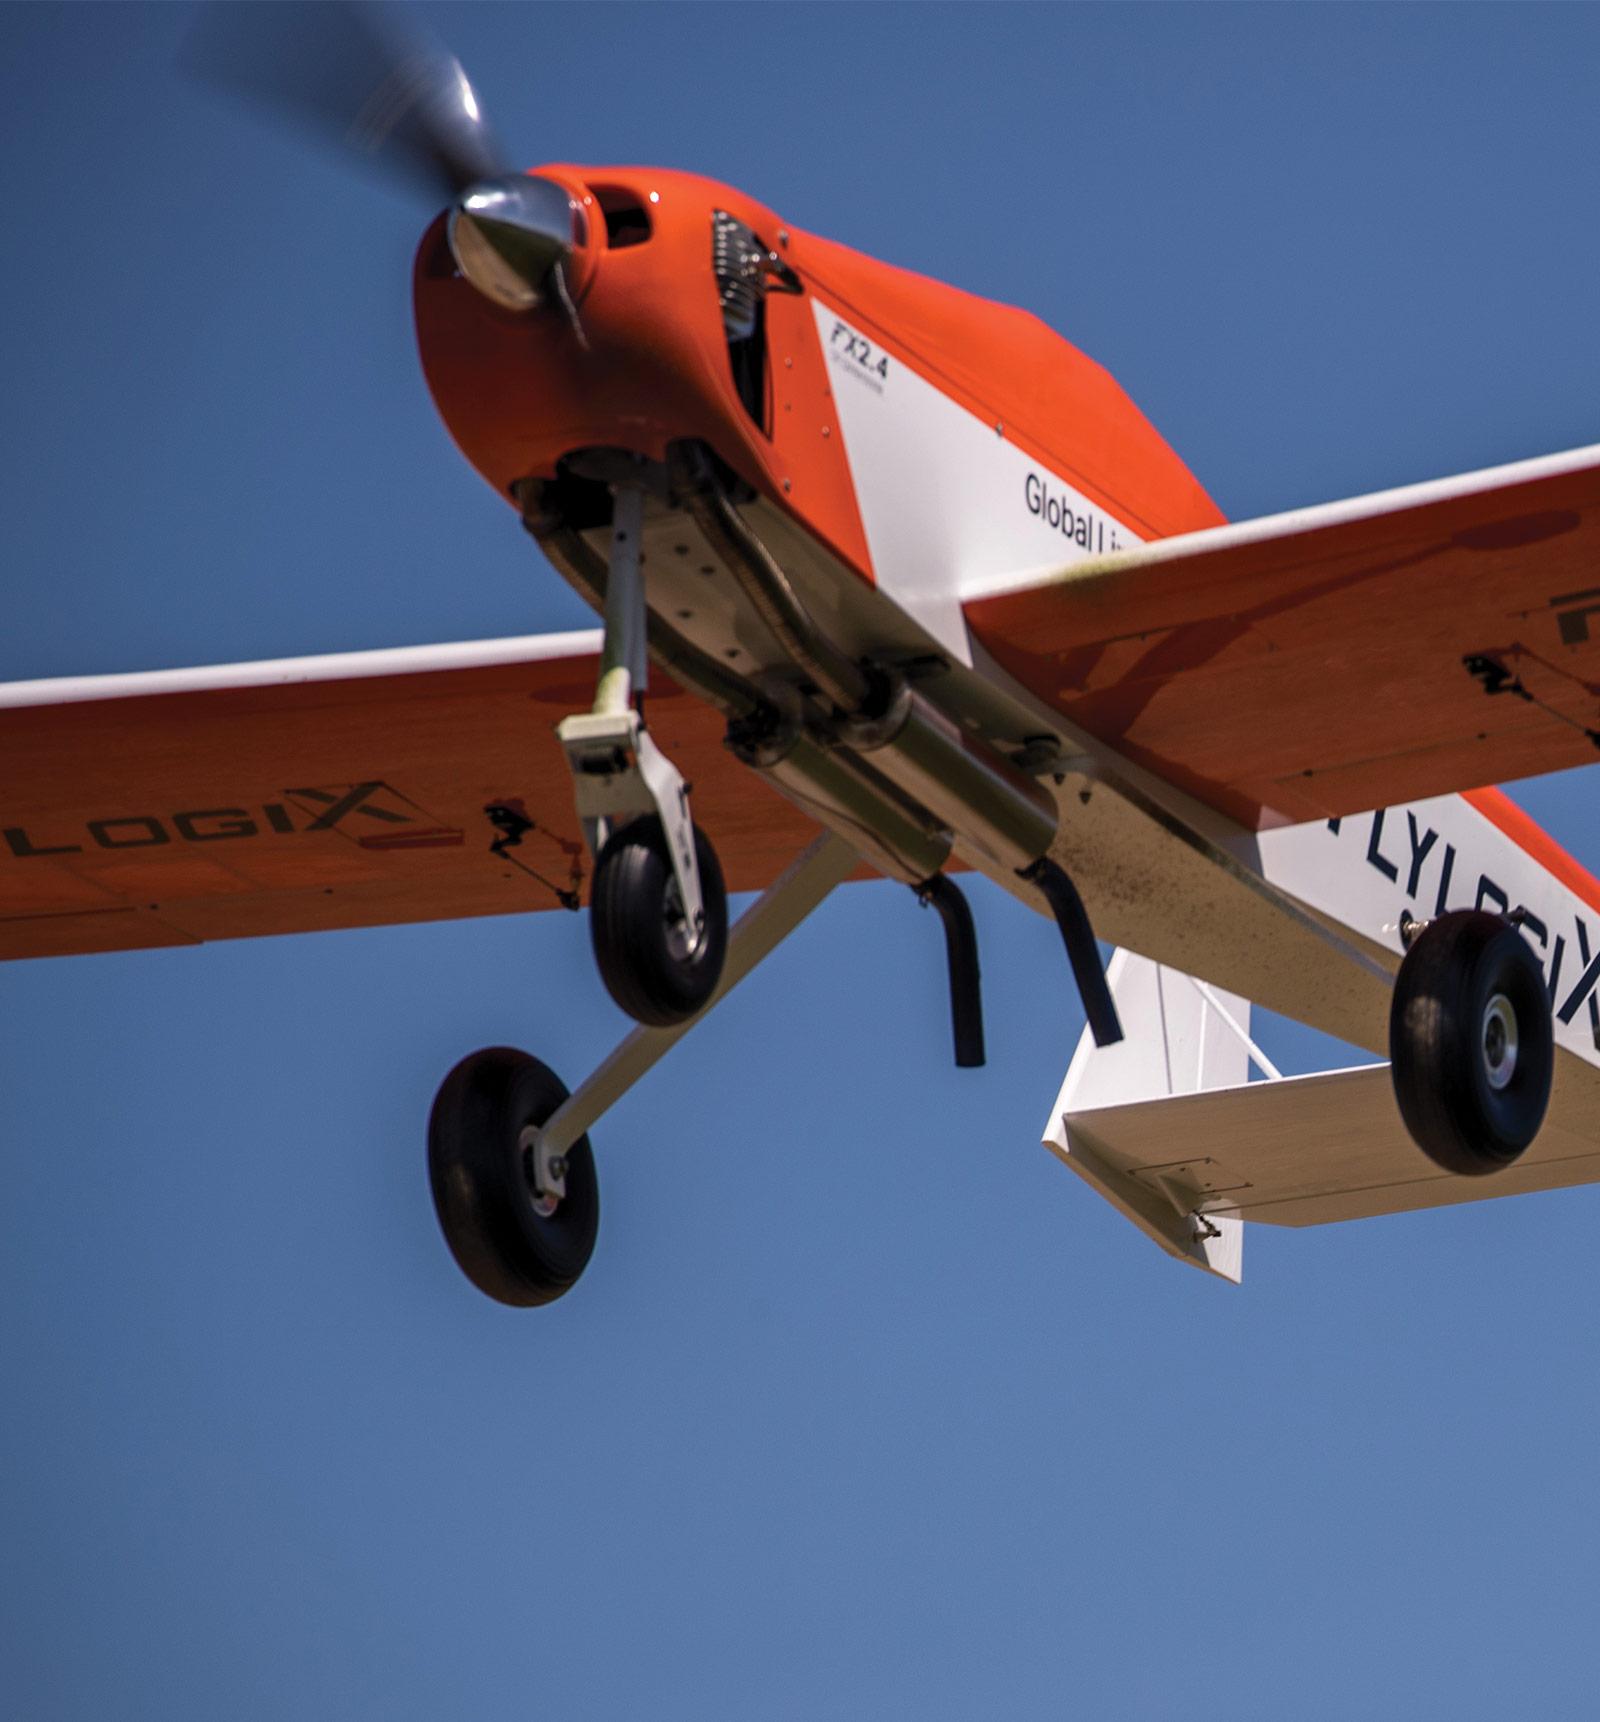 Image of Flylogix drone